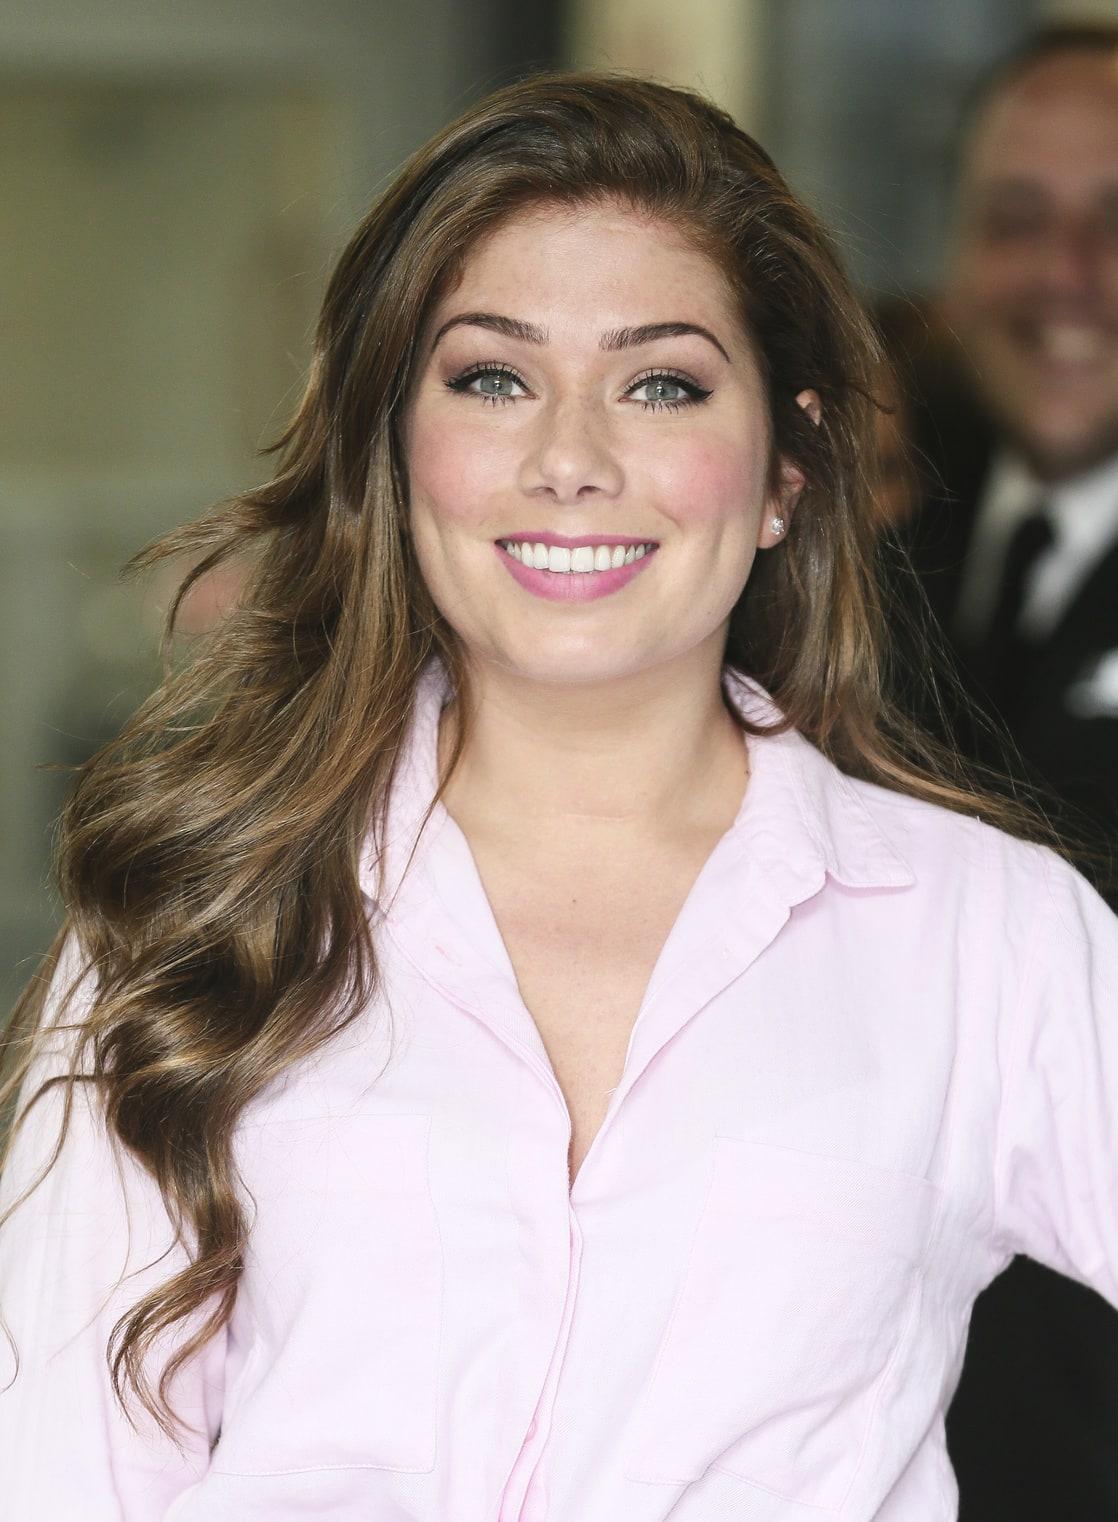 Nikki Sanderson Net Worth